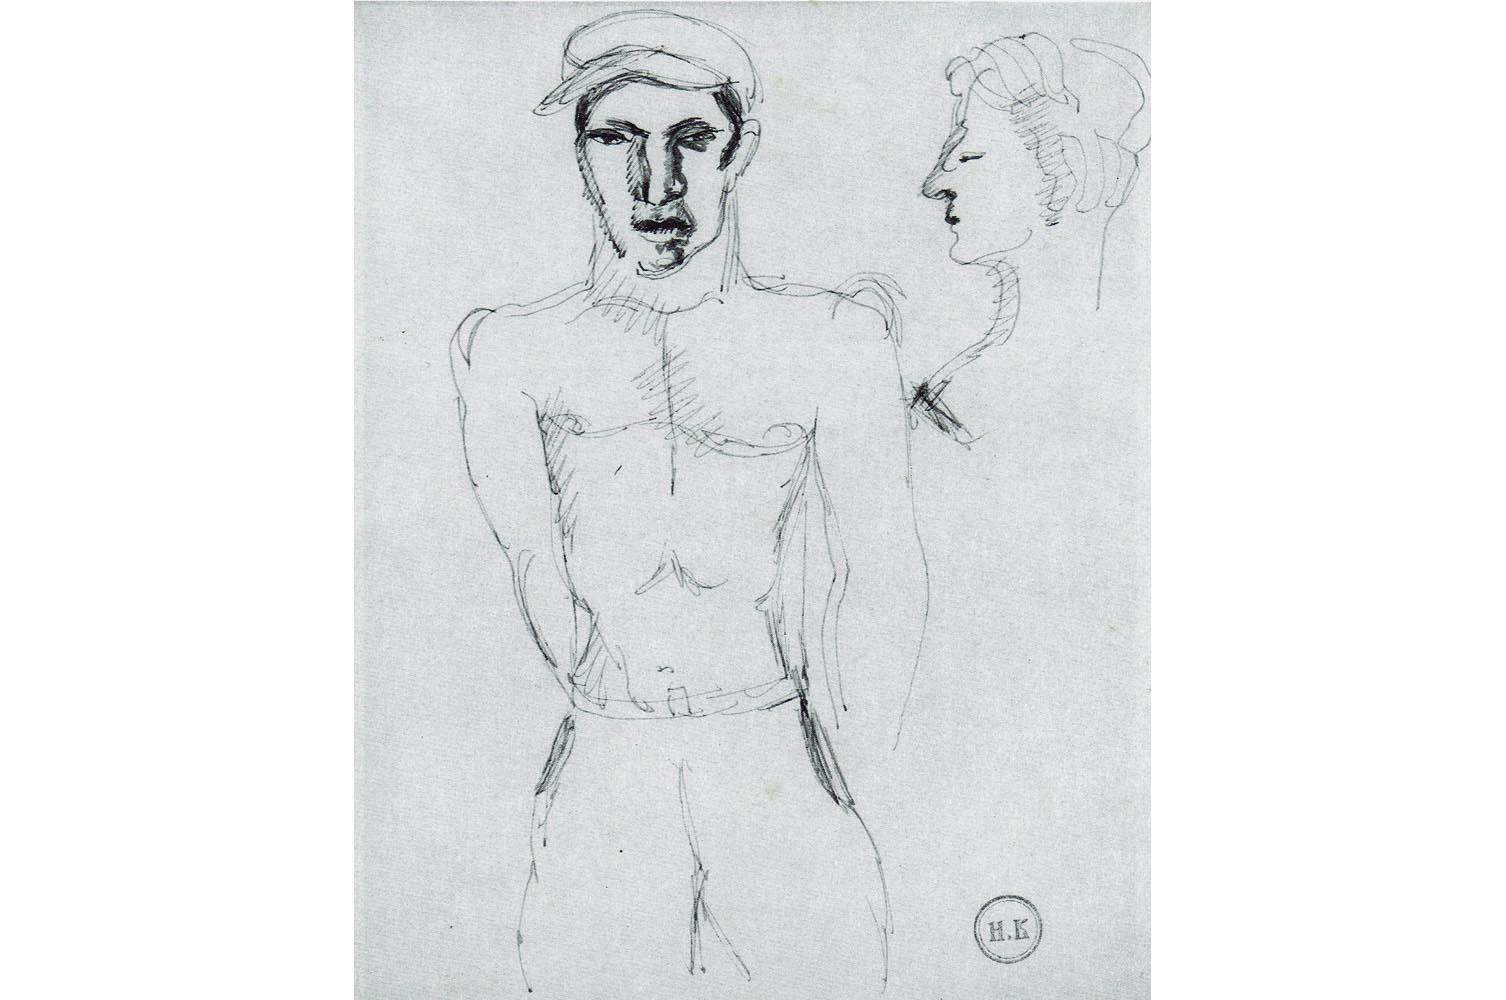 """Helmut Kolle """" Figur """" Blaue Tinte auf weissem Papier, Nachlass- und  Prägestempel, 22,6 x 17,7 cm, 1.100 €"""